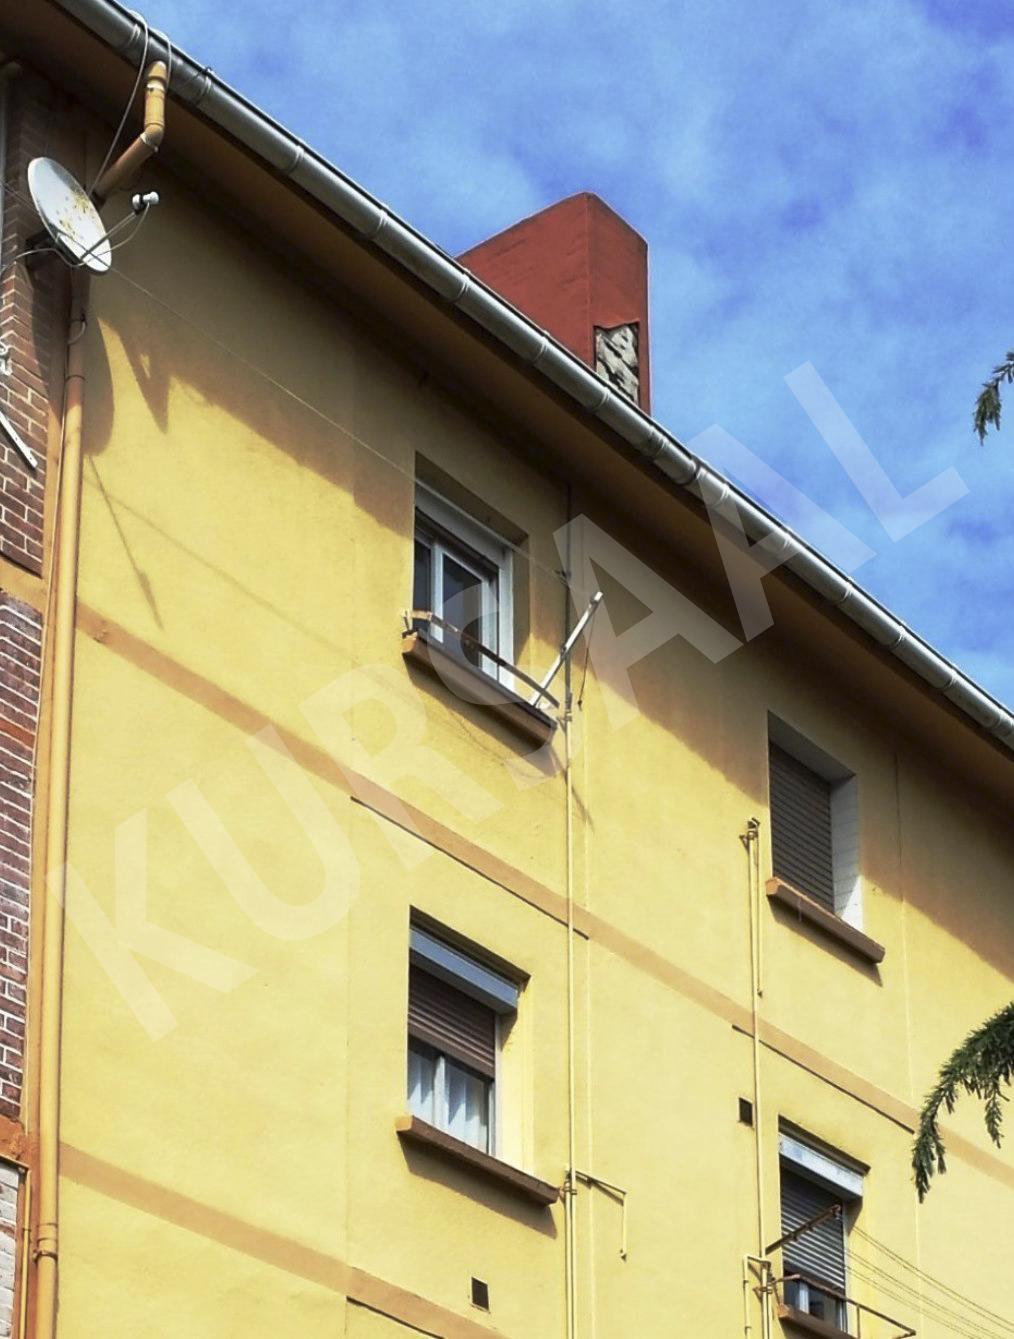 foto 7 - Aislamientos Térmicos y Eficiencia Energética-Roteta 8-DONOSTIA, GIPUZKOA